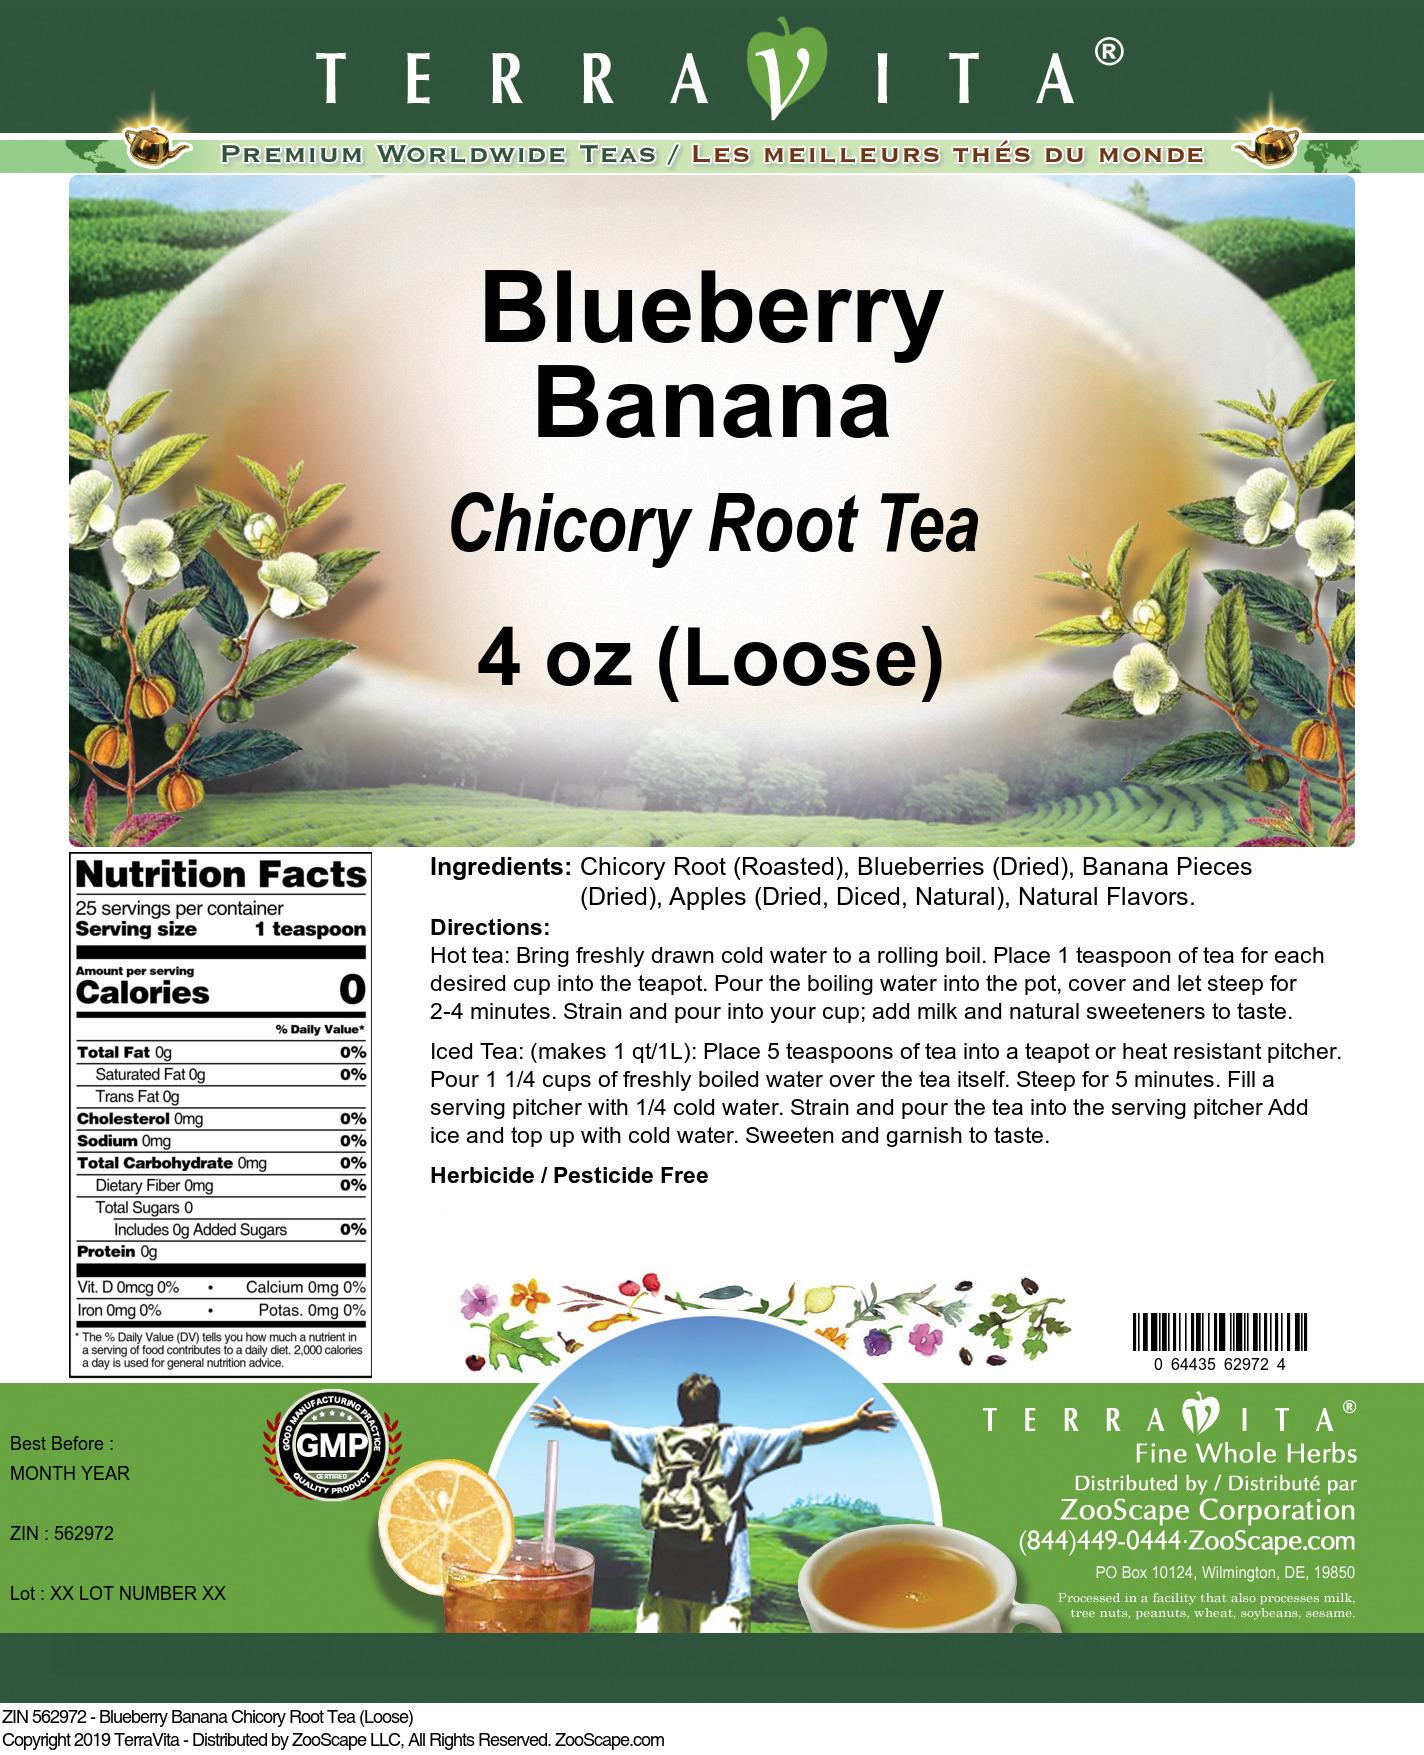 Blueberry Banana Chicory Root